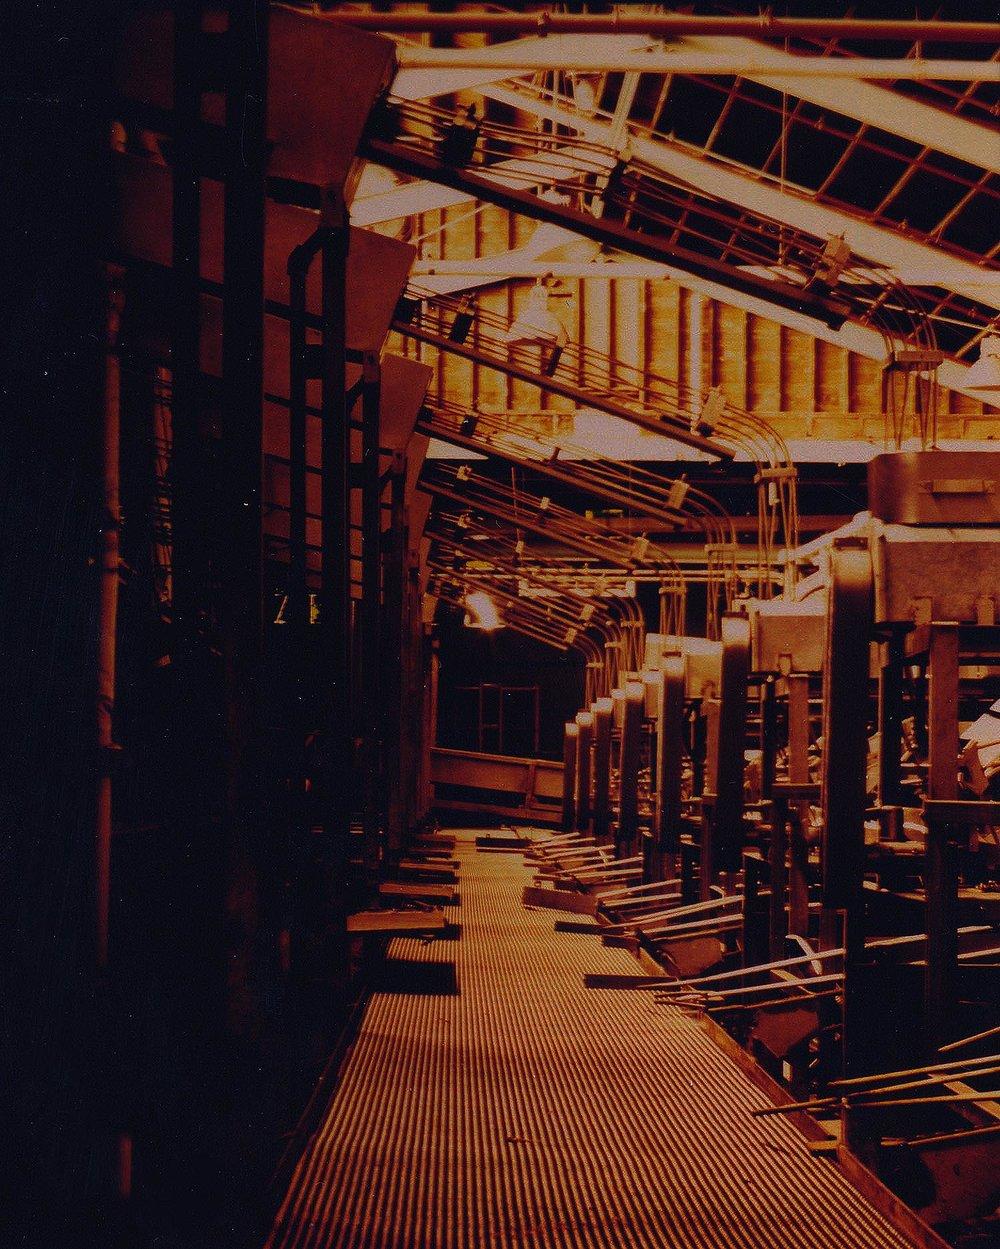 ss-ufp-inside-factoryRevA.jpg